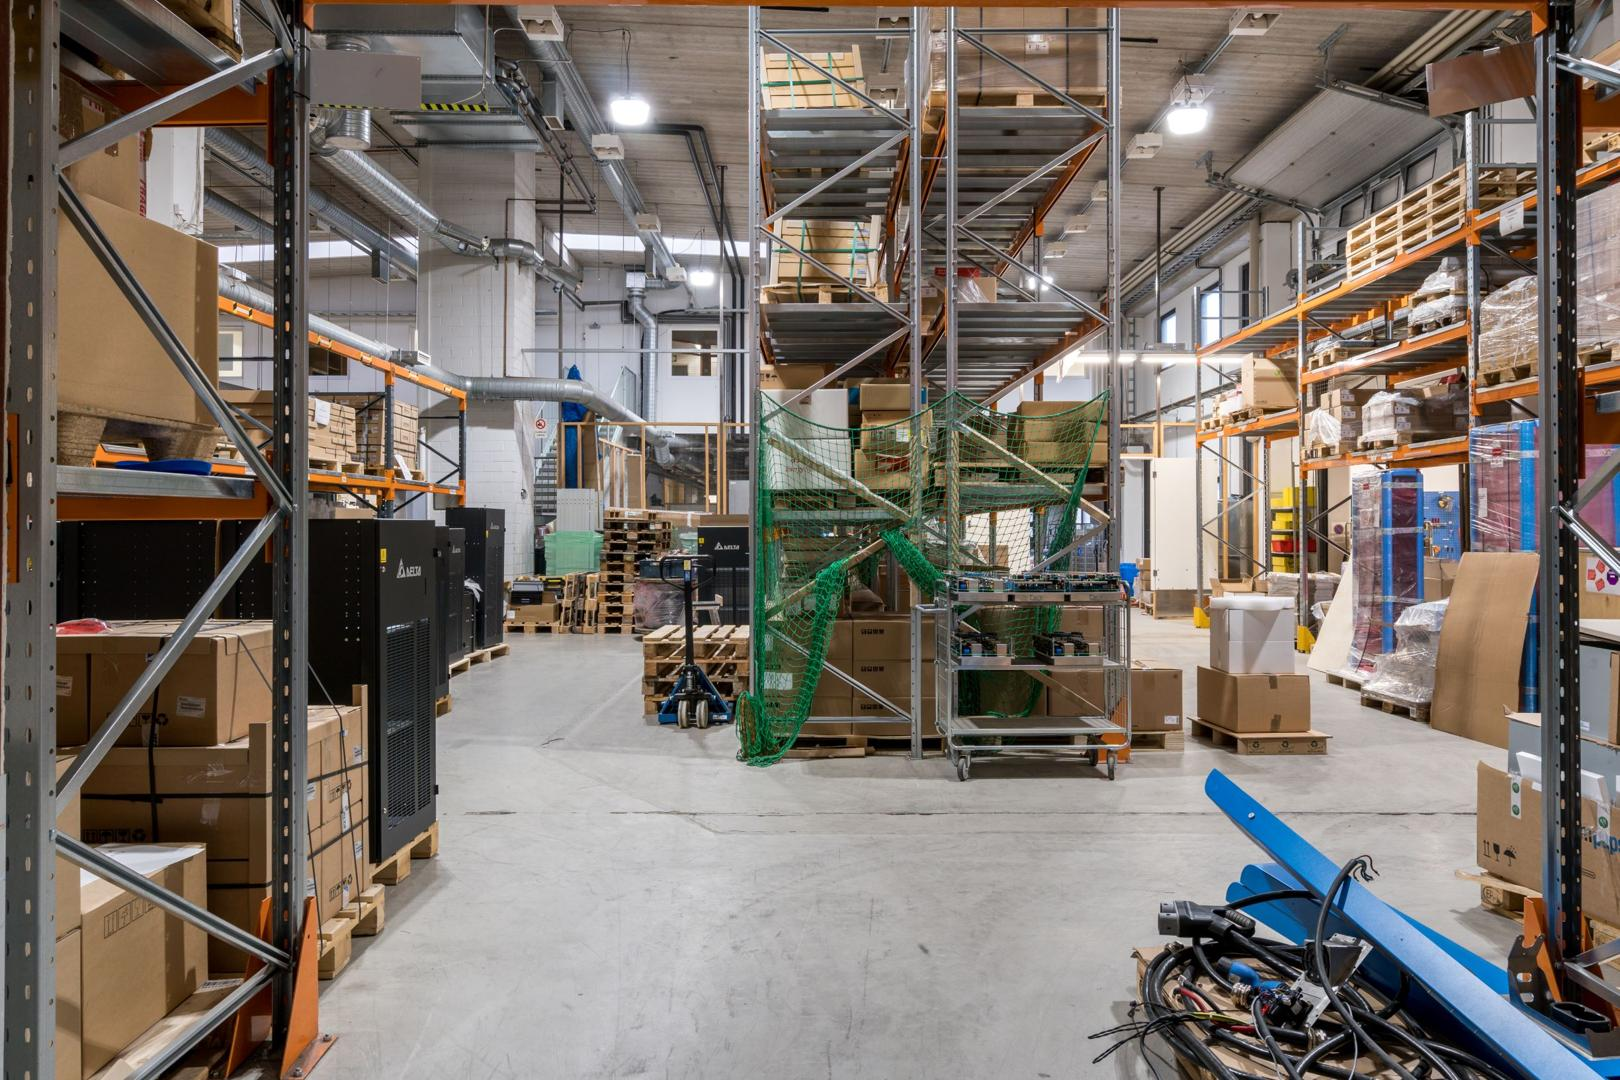 Juvan teollisuuskatu 15, 3691m2, Koko rakennus, Tuotantotila